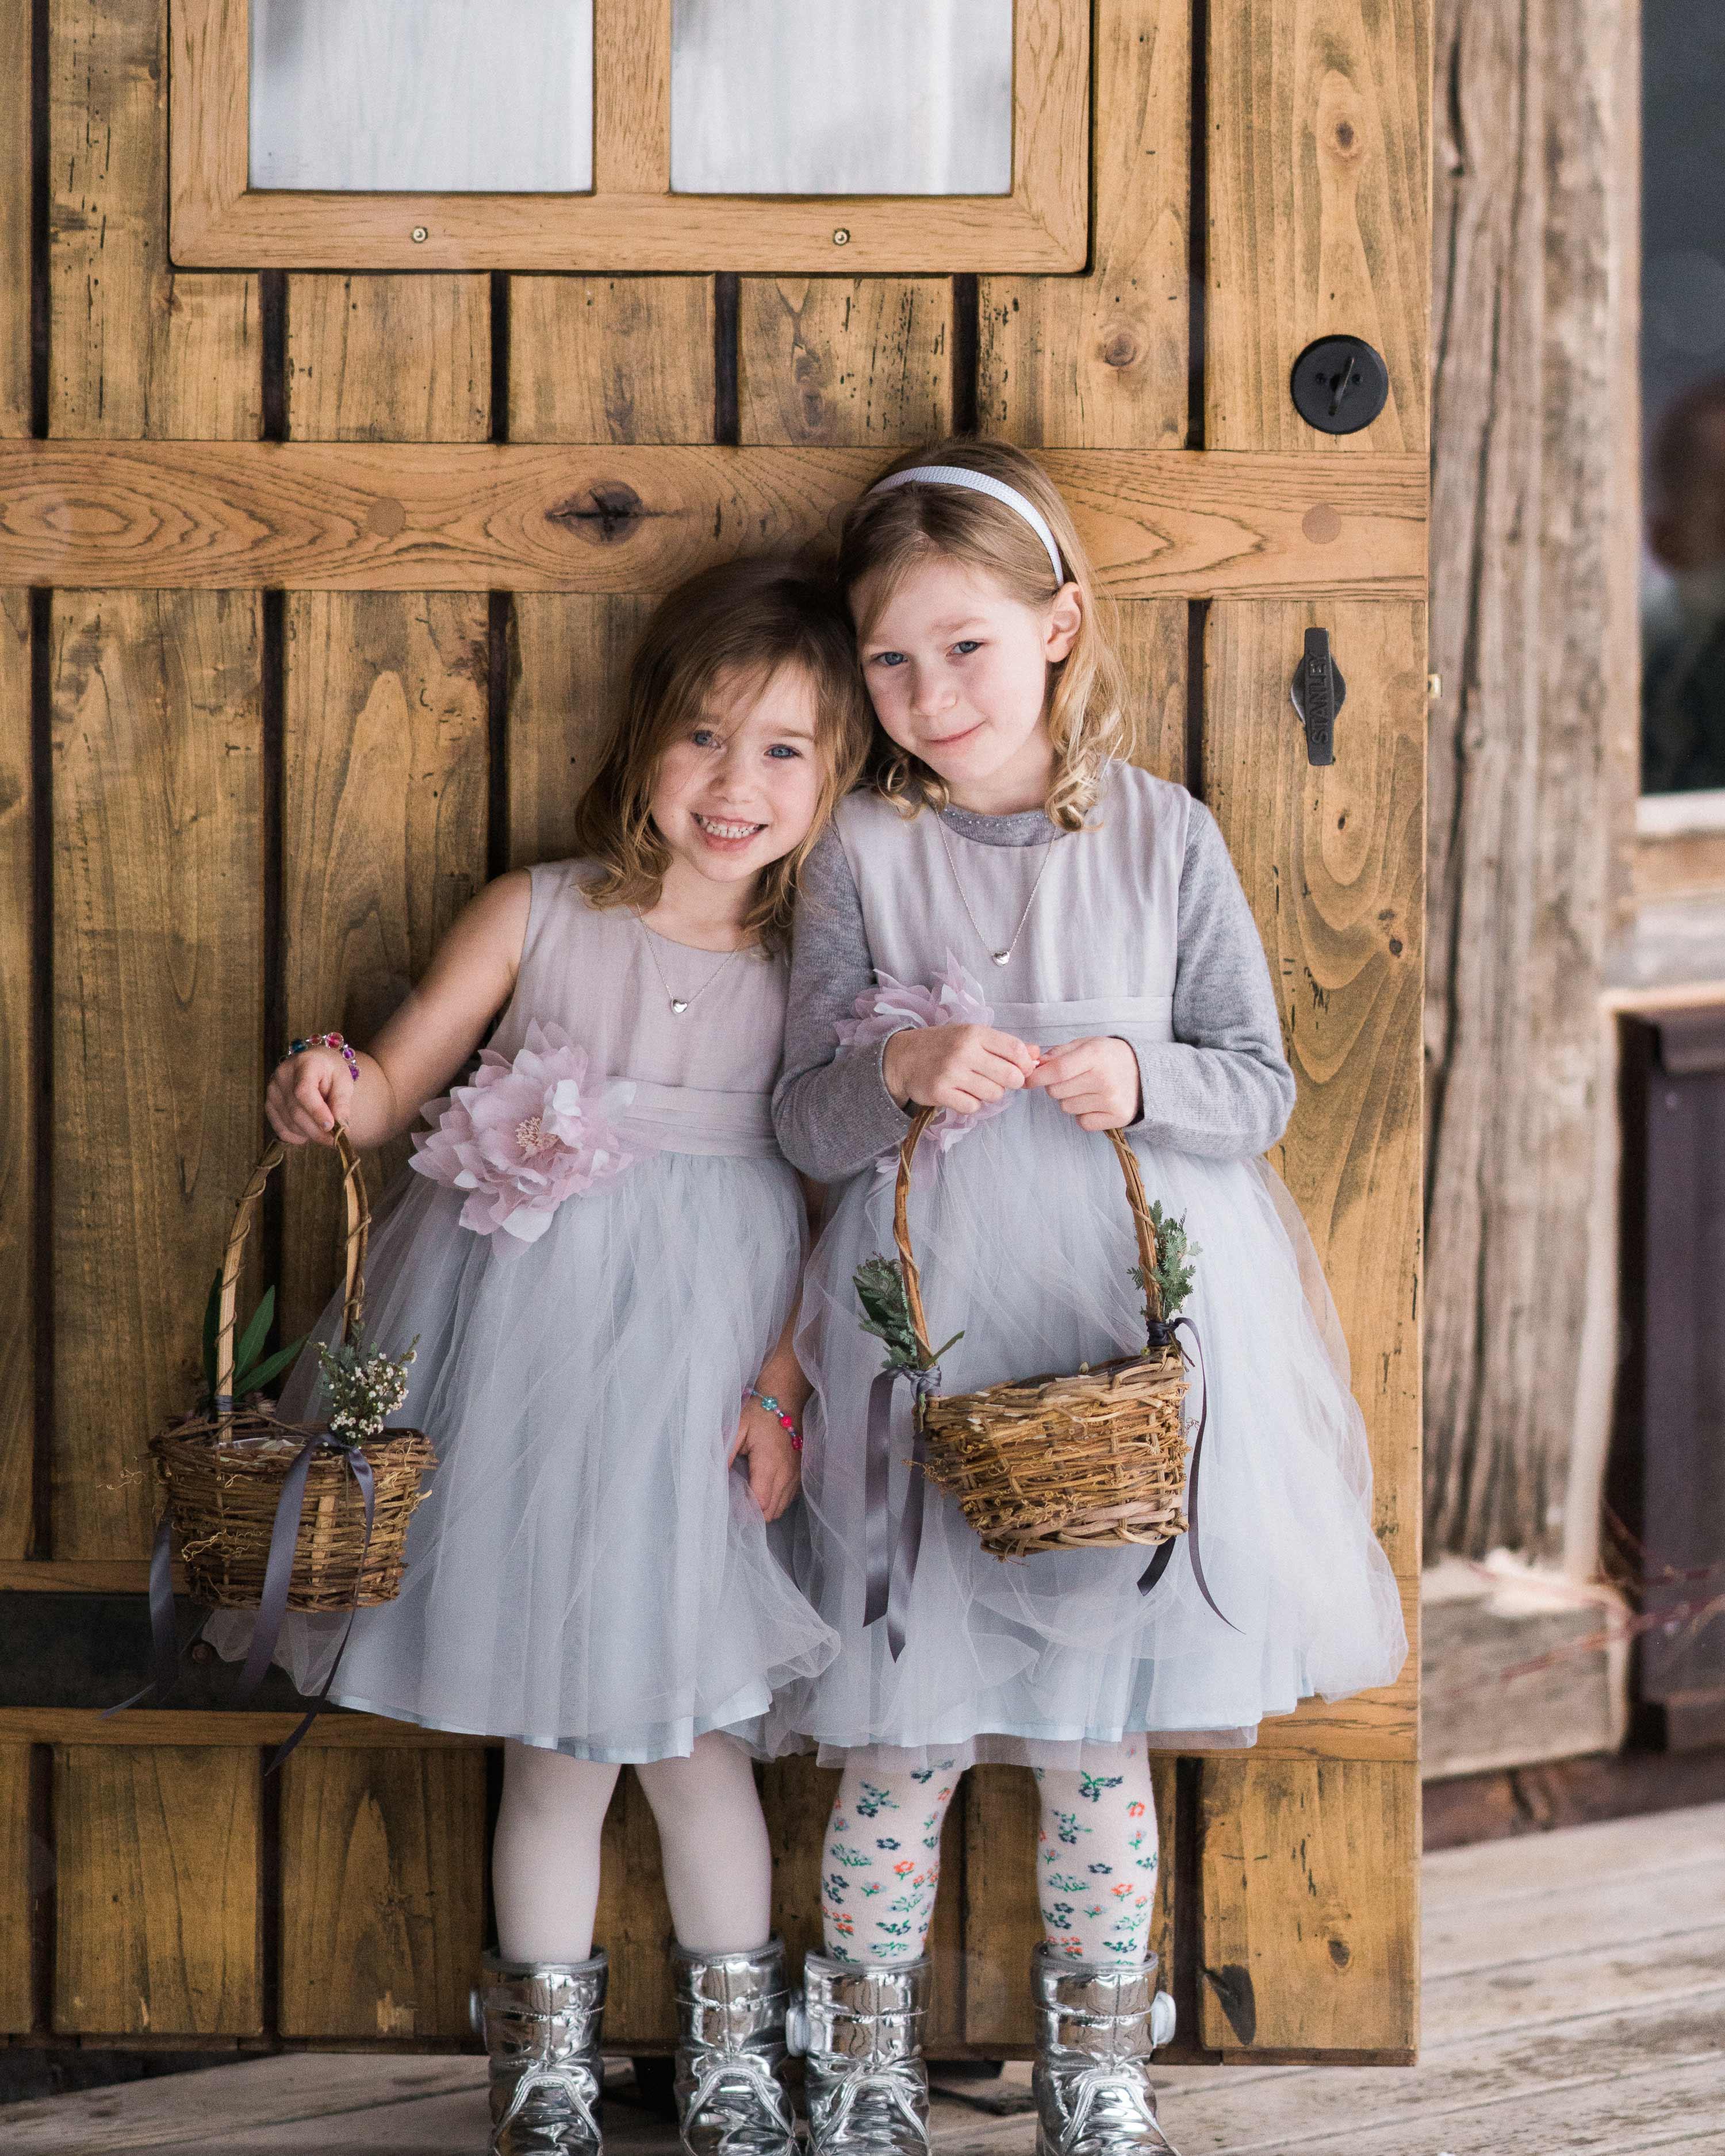 meshach-warren-wedding-flowergirls-0165-6134942-0716.jpg